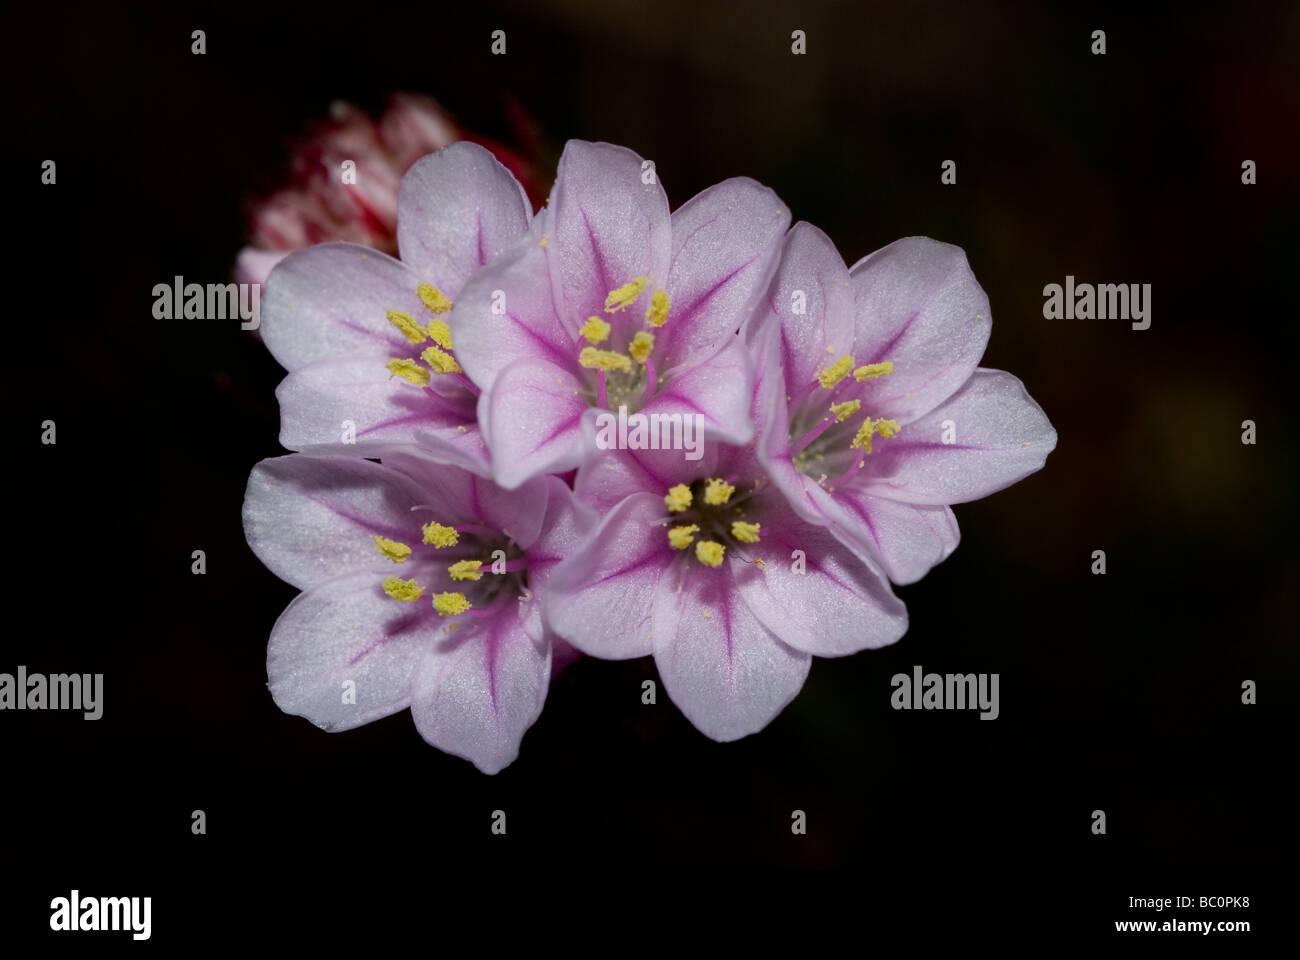 Blumen der Sparsamkeit (Armeria Pubigera) Stockbild